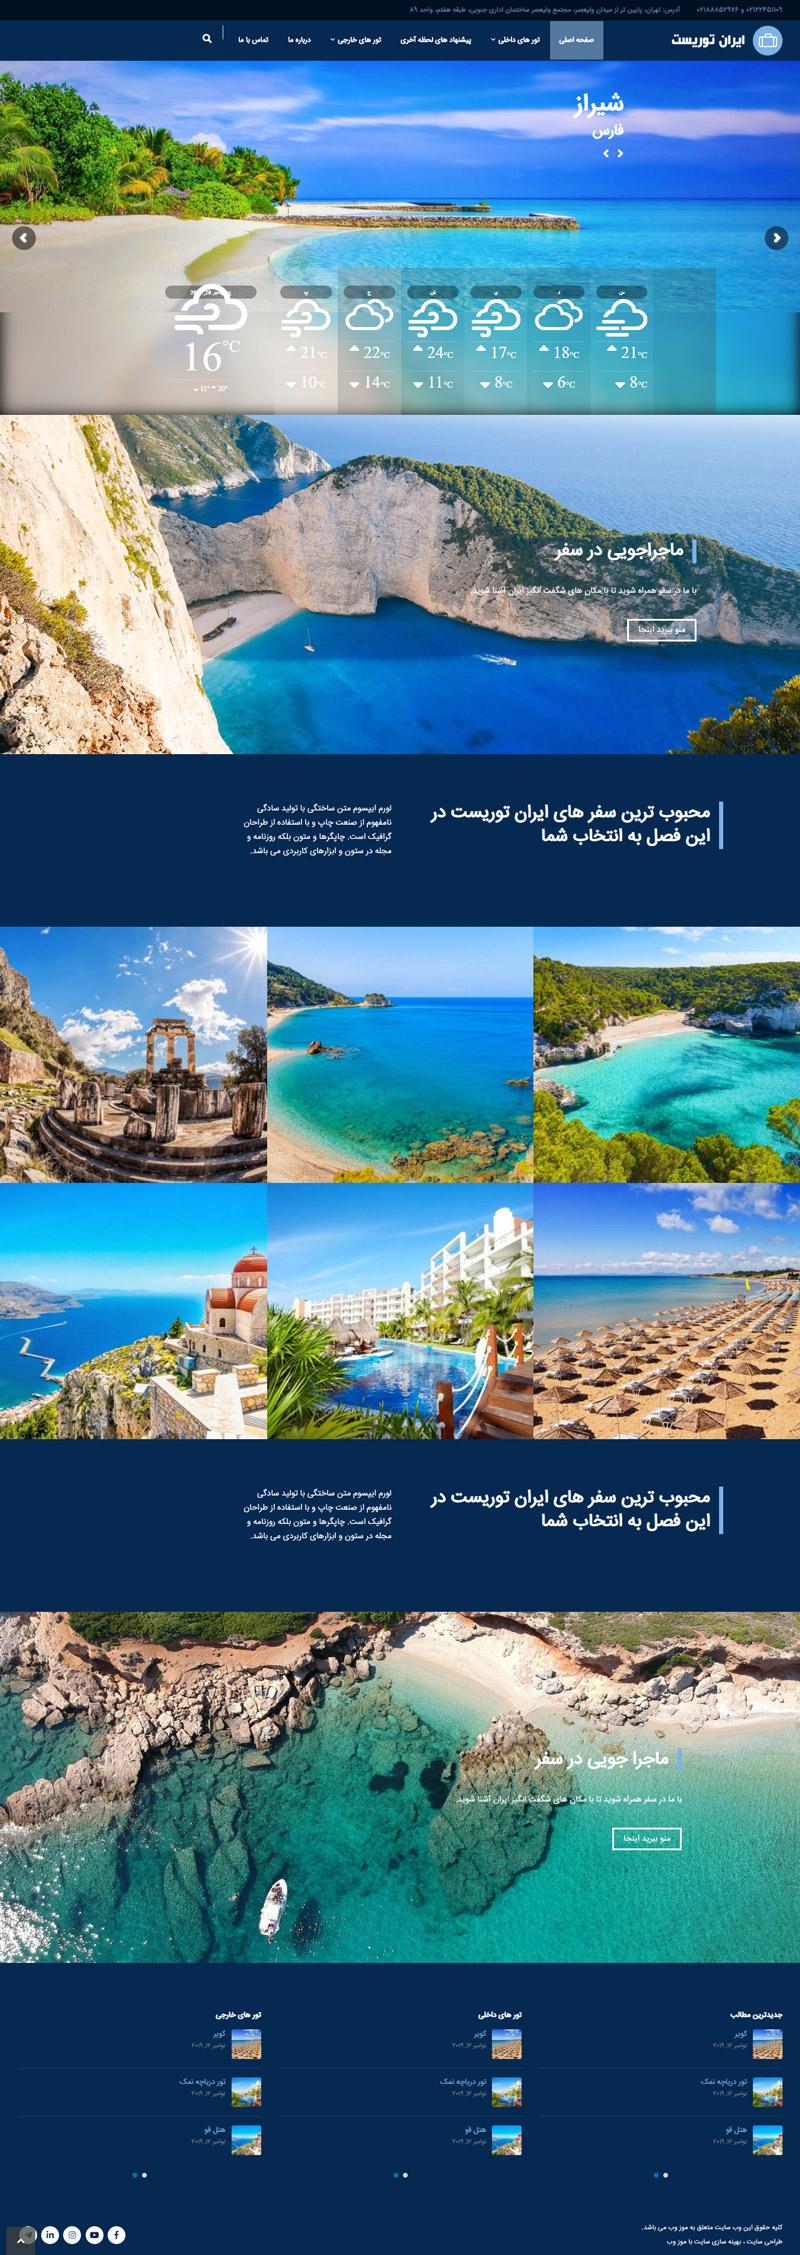 طراحی سایت آژانس مسافرتی ایران توریست